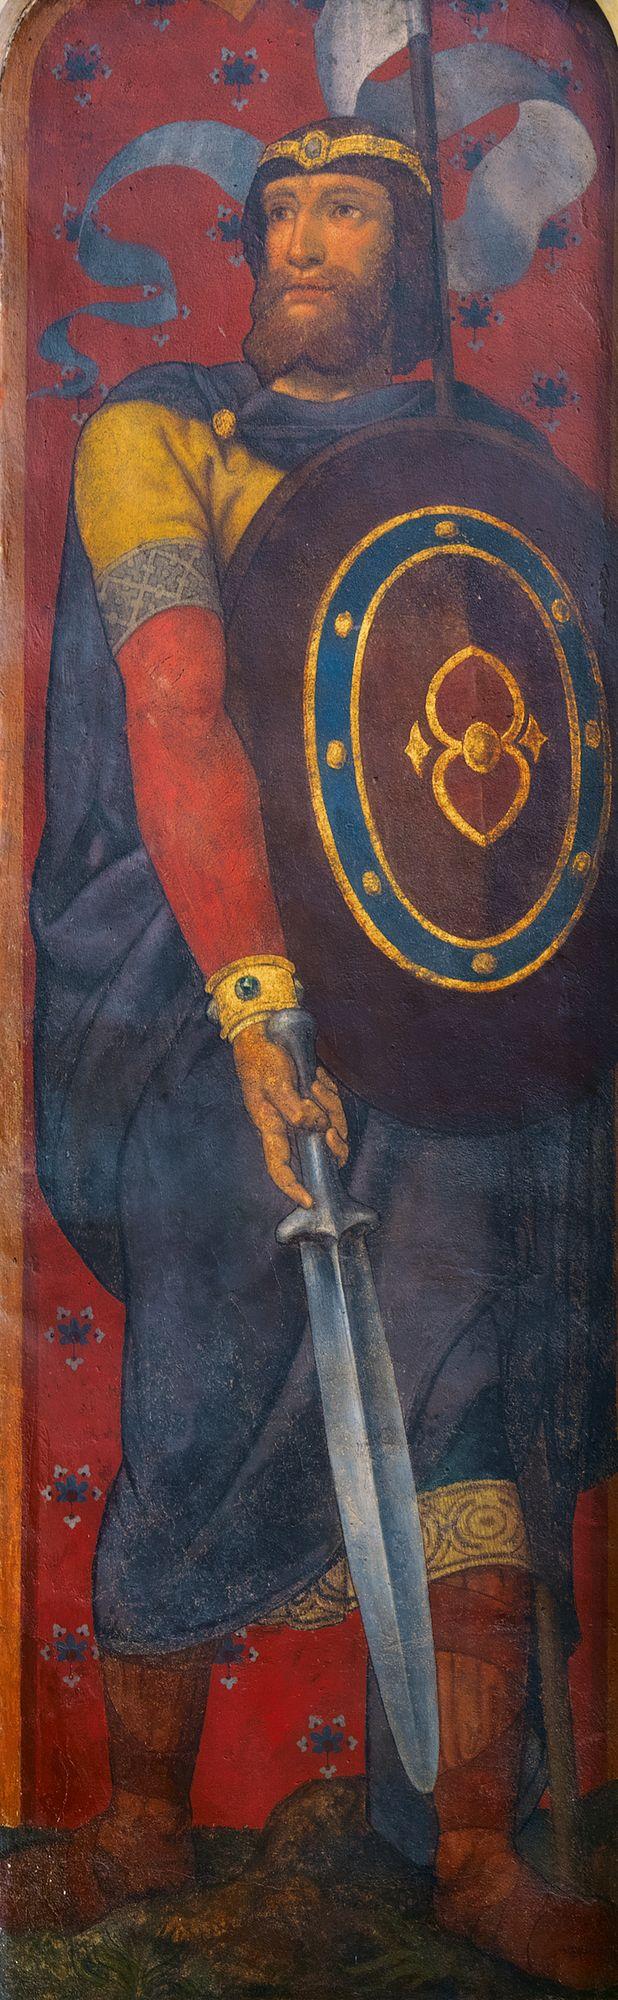 792 - 816 Liederik van Harelbeke